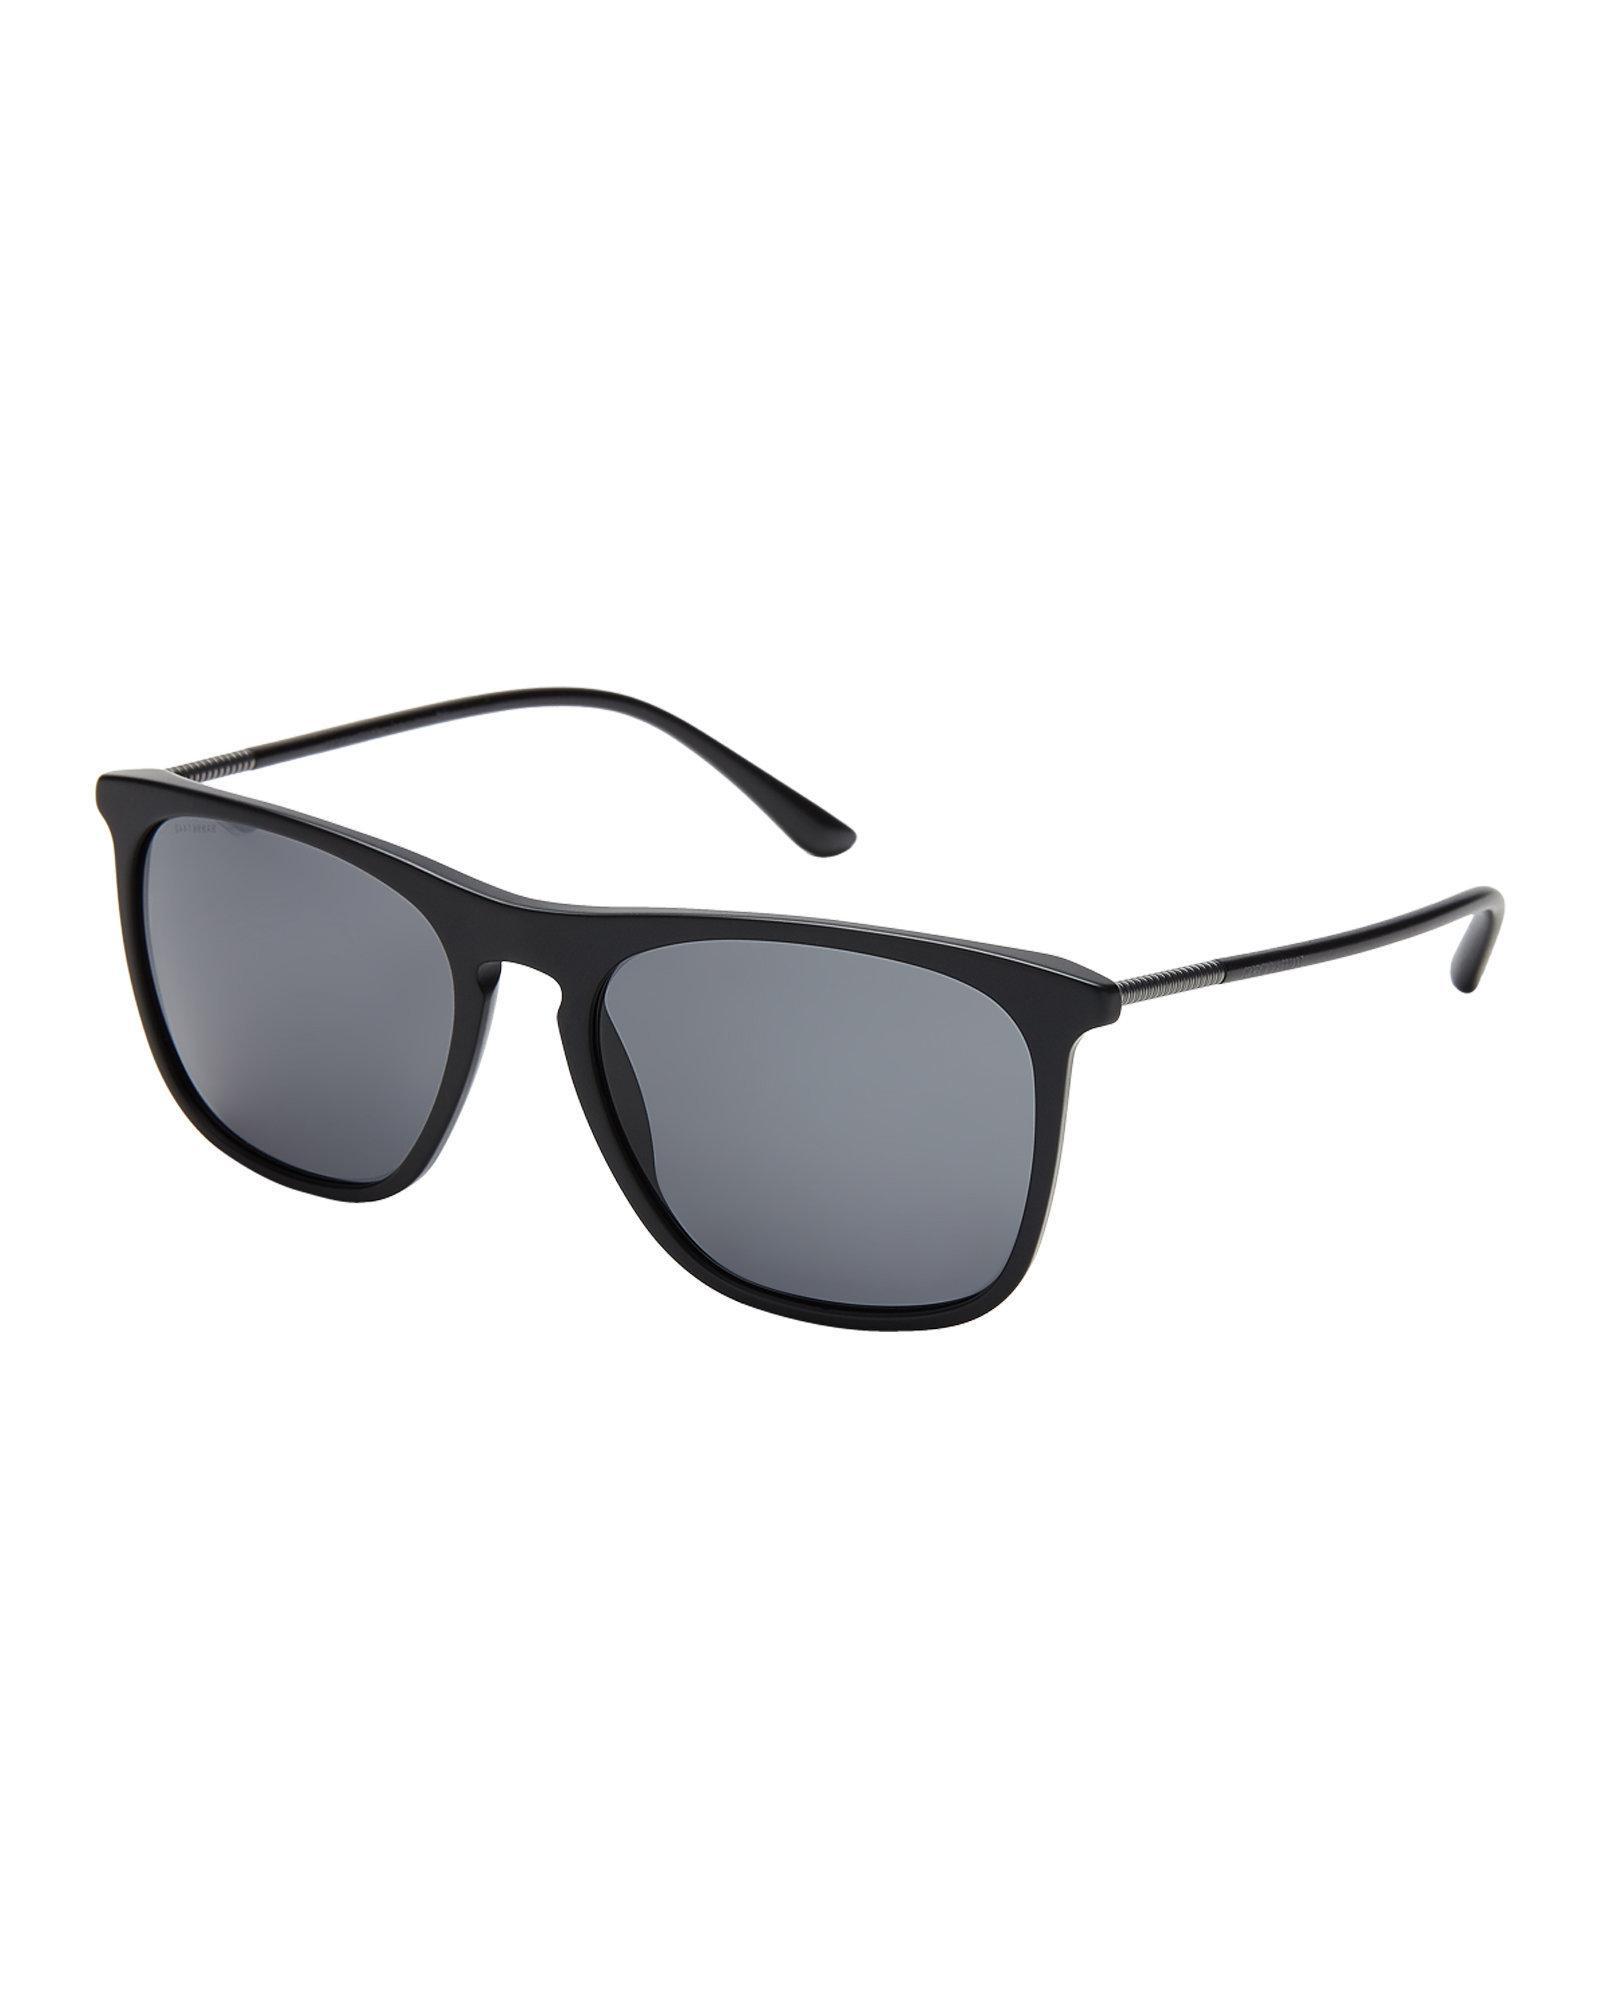 6110ca0ced5 Lyst - Giorgio Armani Ar8076 Matte Black Square Sunglasses in Black